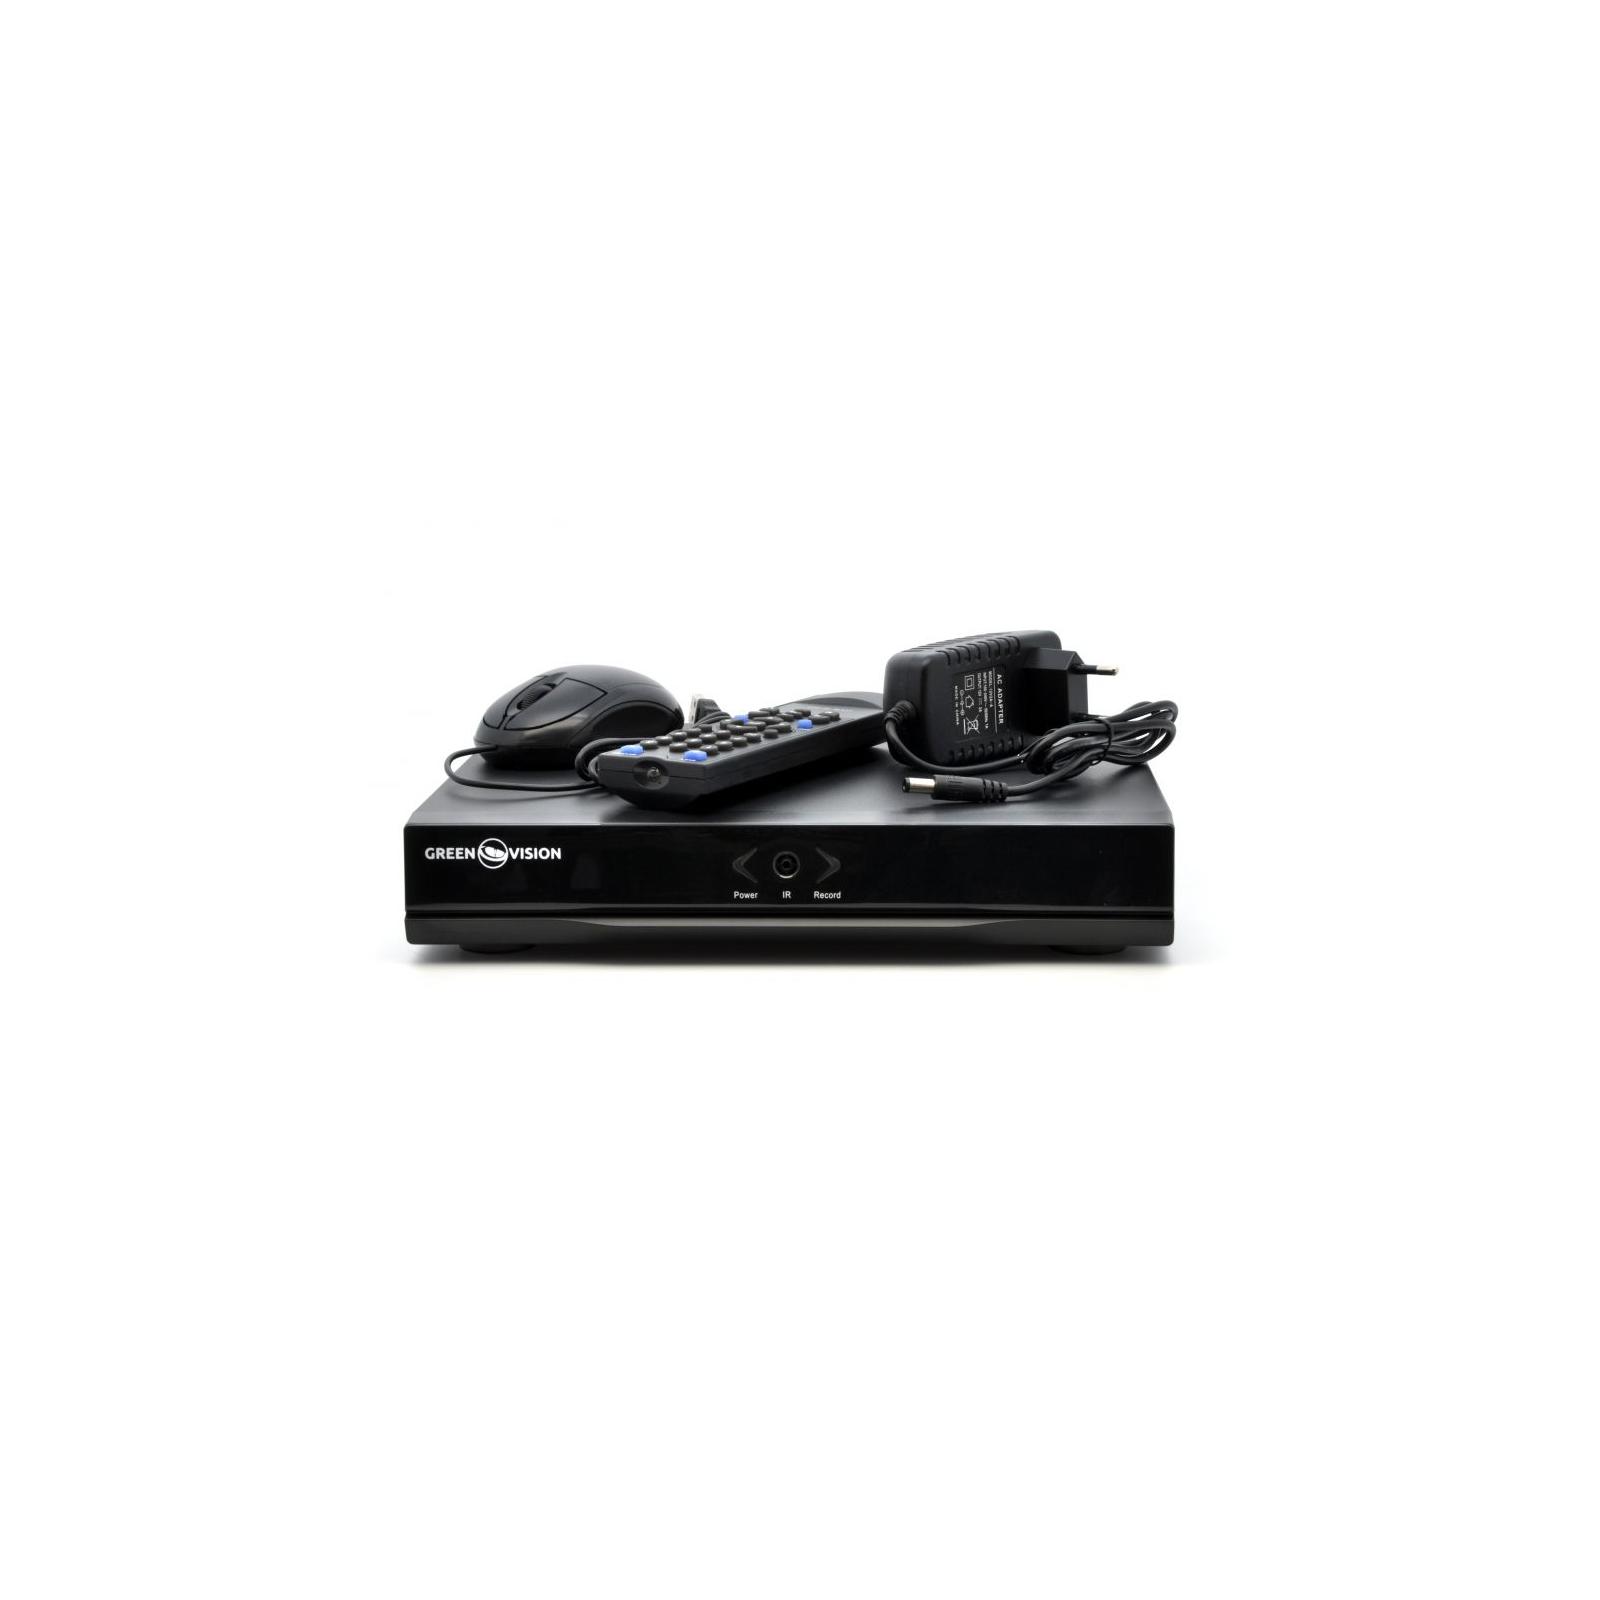 Регистратор для видеонаблюдения GreenVision AHD GV-A-S 031/08 (4236) изображение 5